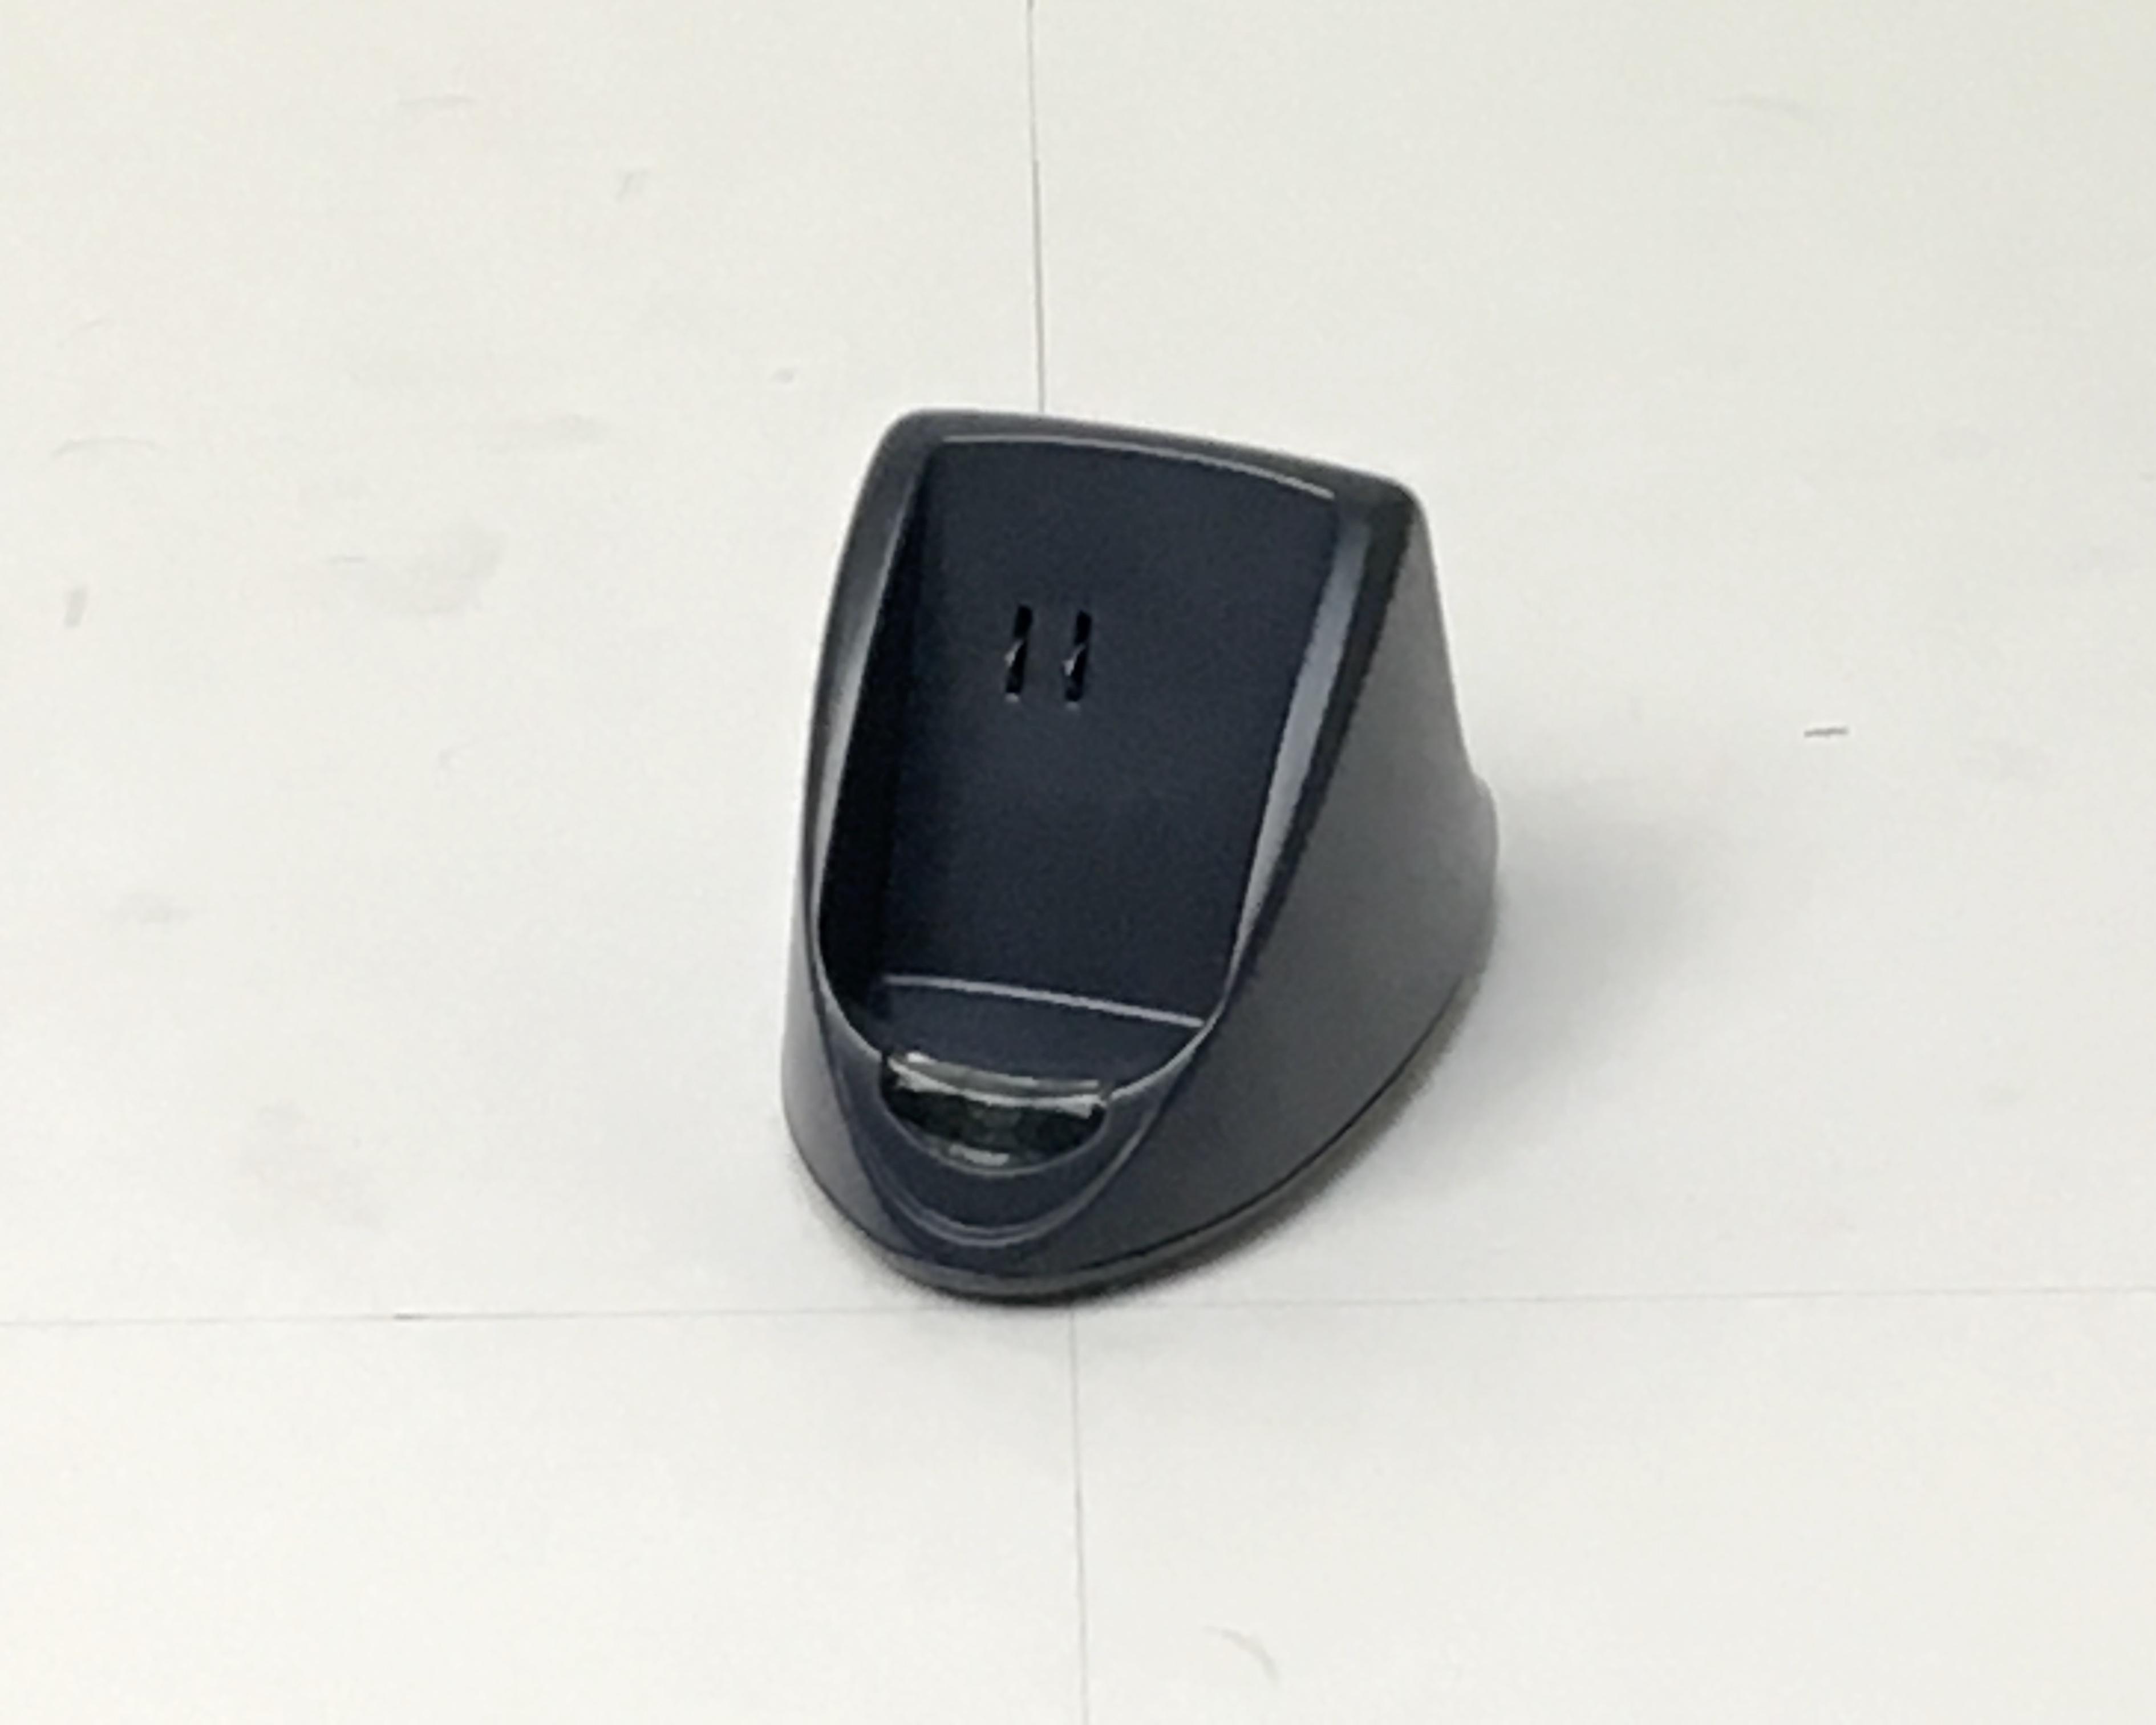 【中古】OPTICON 充電機能付通信クレードル CRD-9723-RU メイン画像